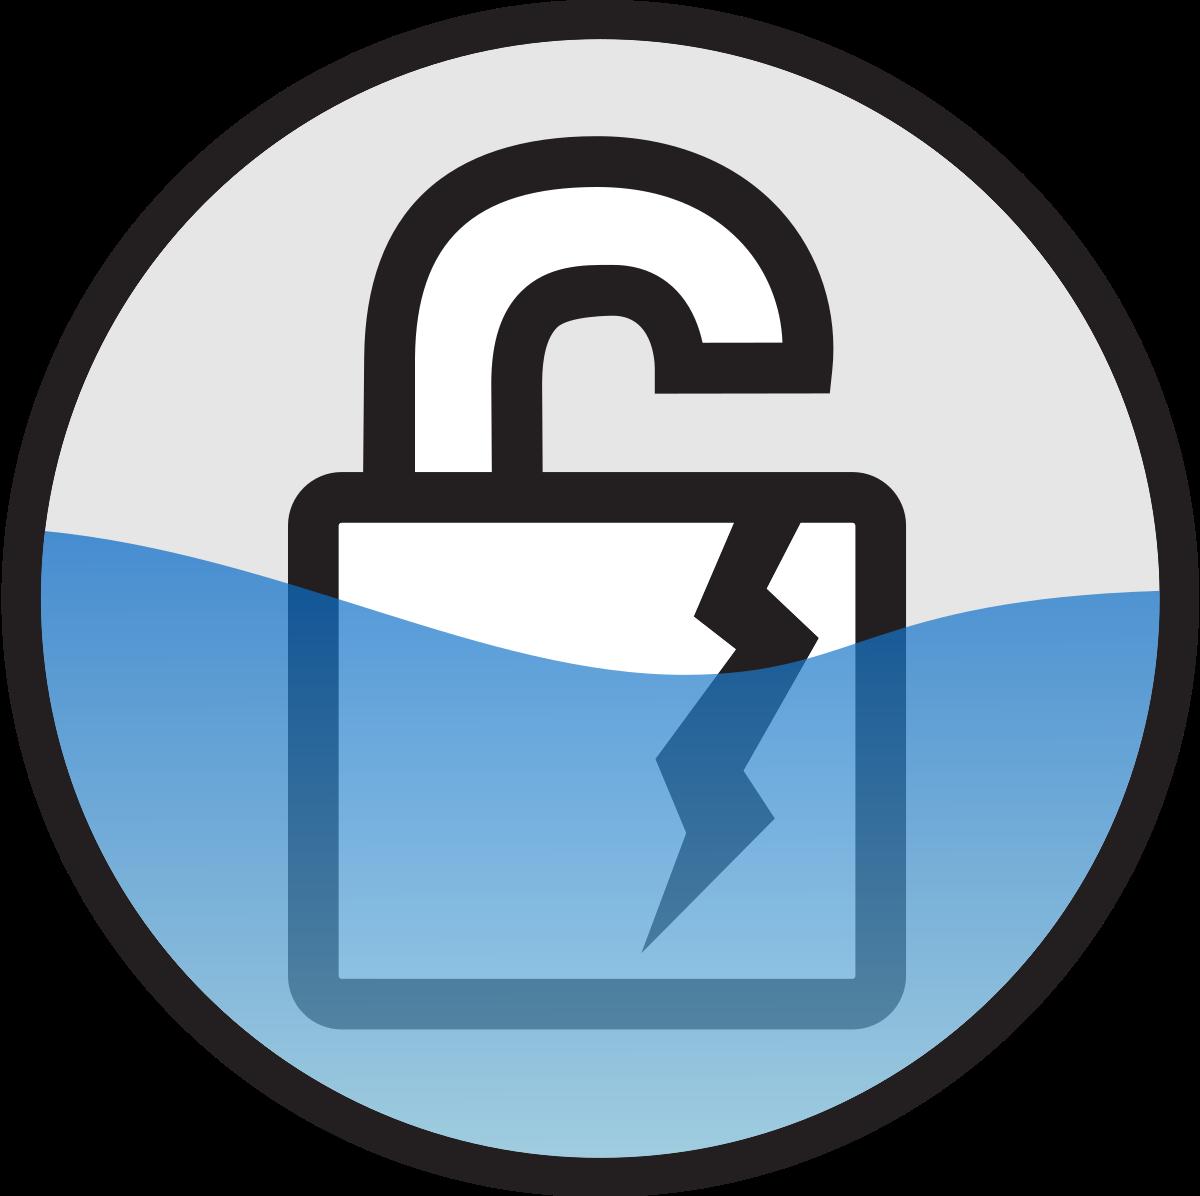 Криптографические атаки: объяснение для смятённых умов - 80